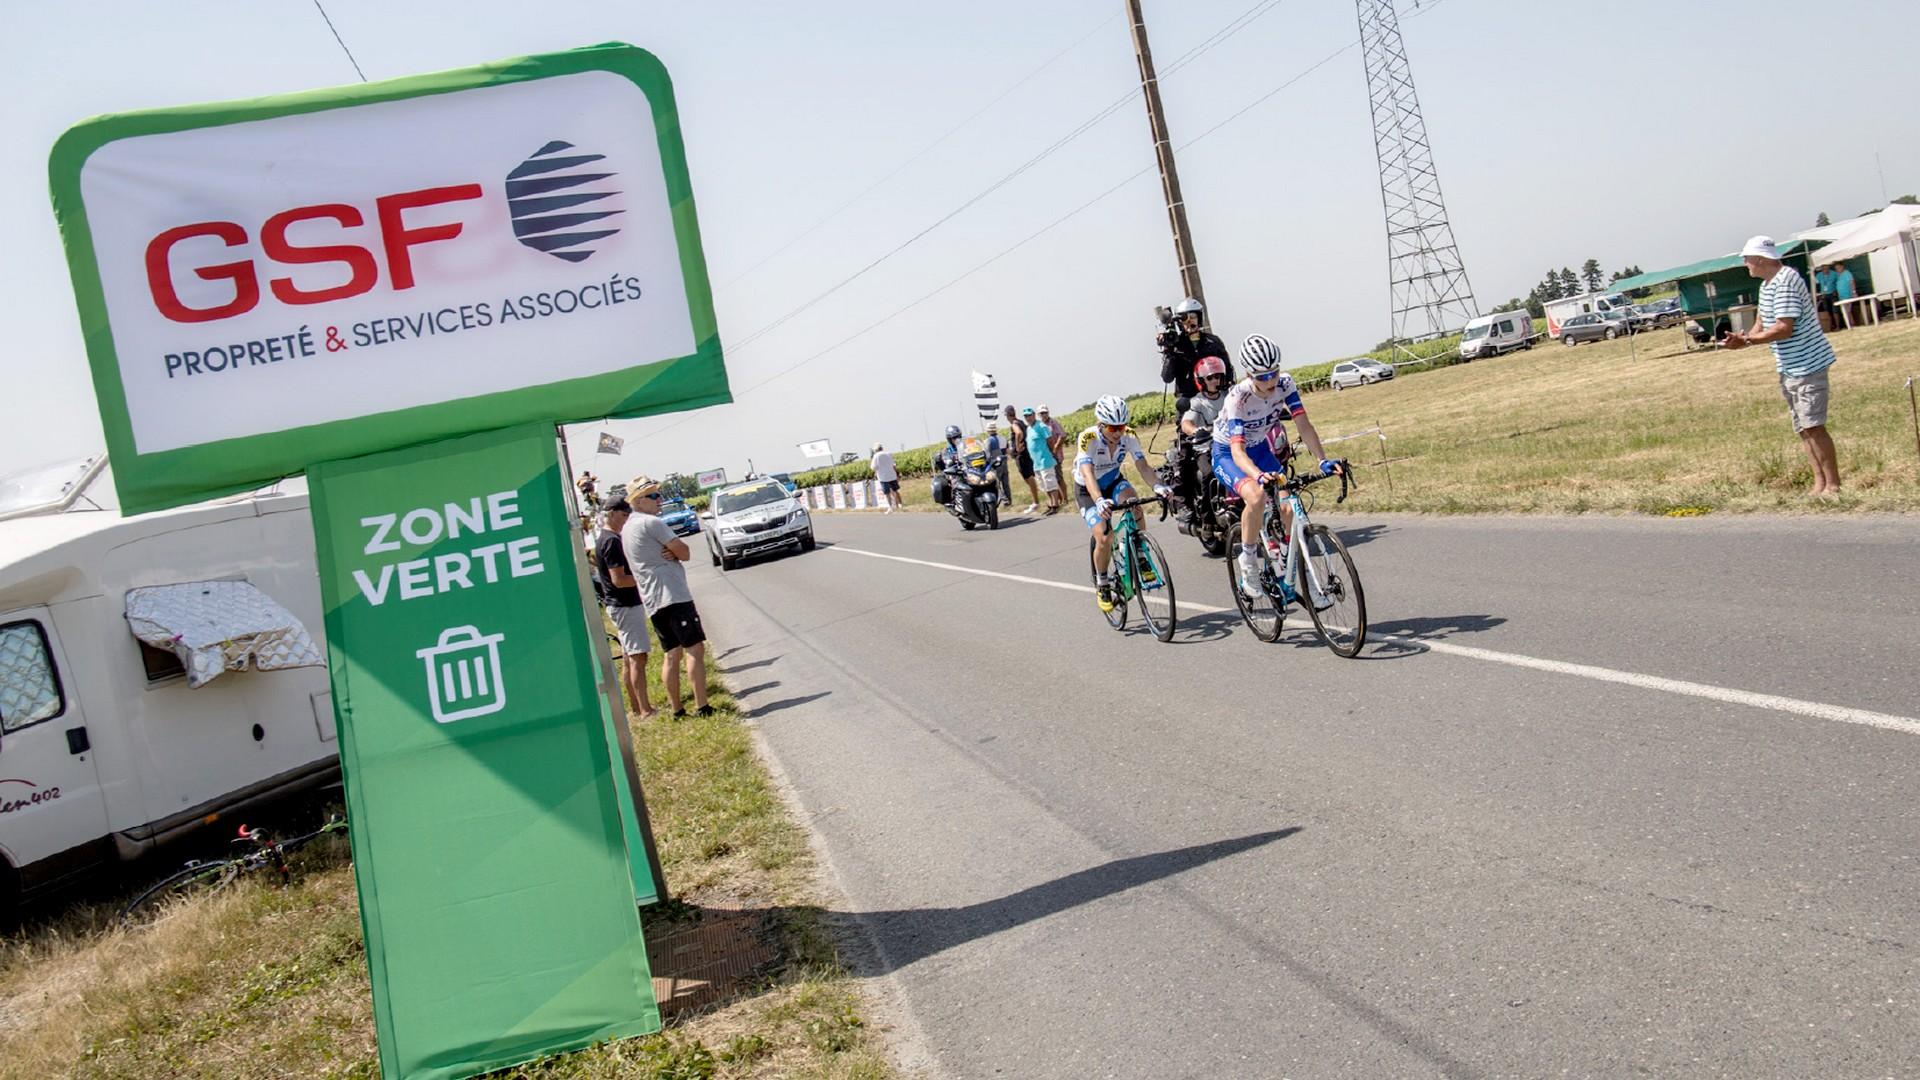 GSF x FFC (cyclisme) 2021